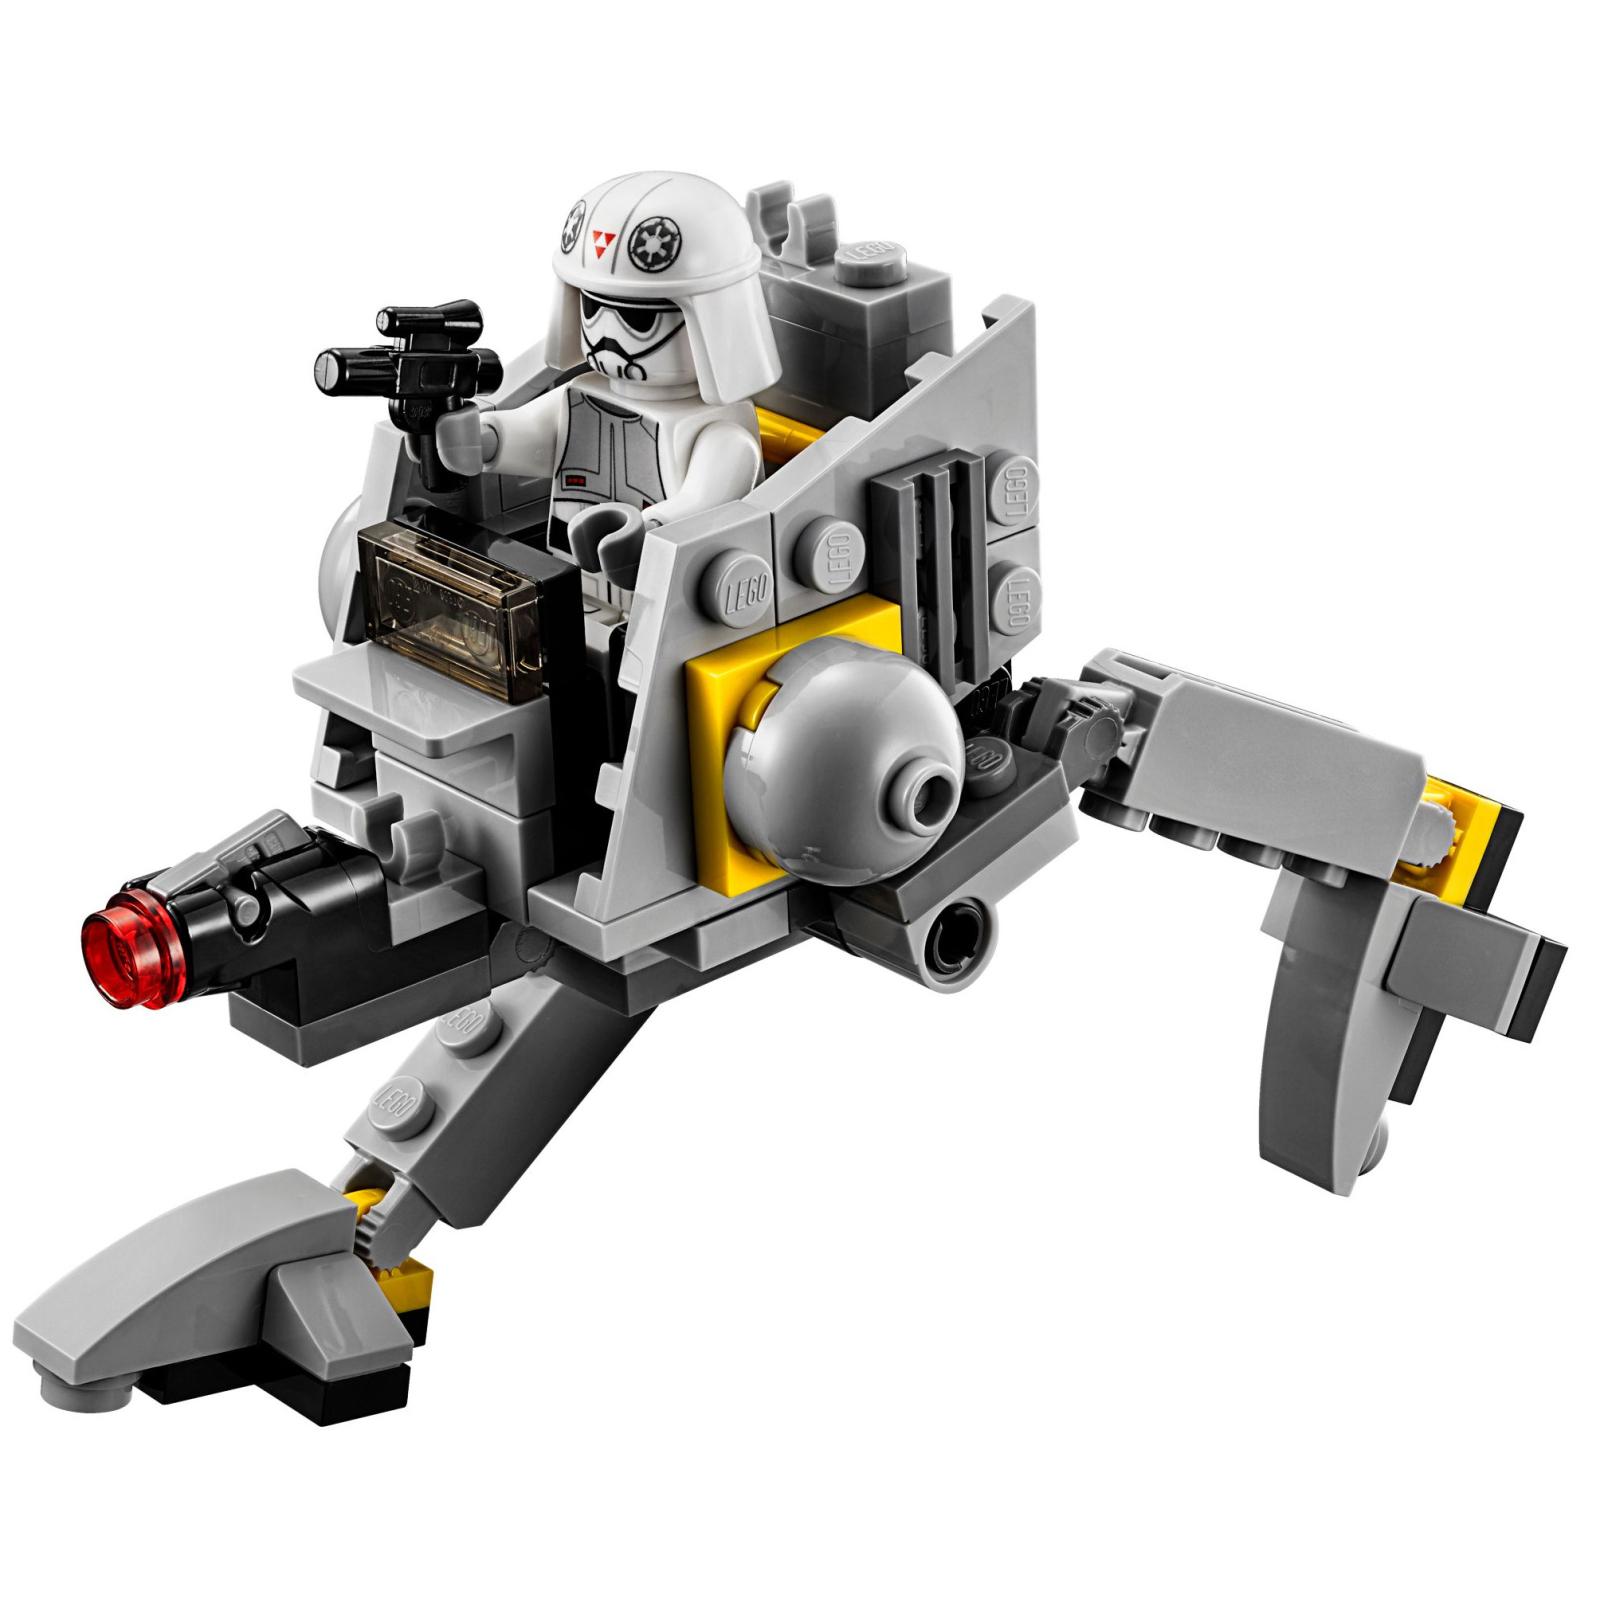 Конструктор LEGO Star Wars Вездеходная оборонительная платформа AT-DP (75130) изображение 4